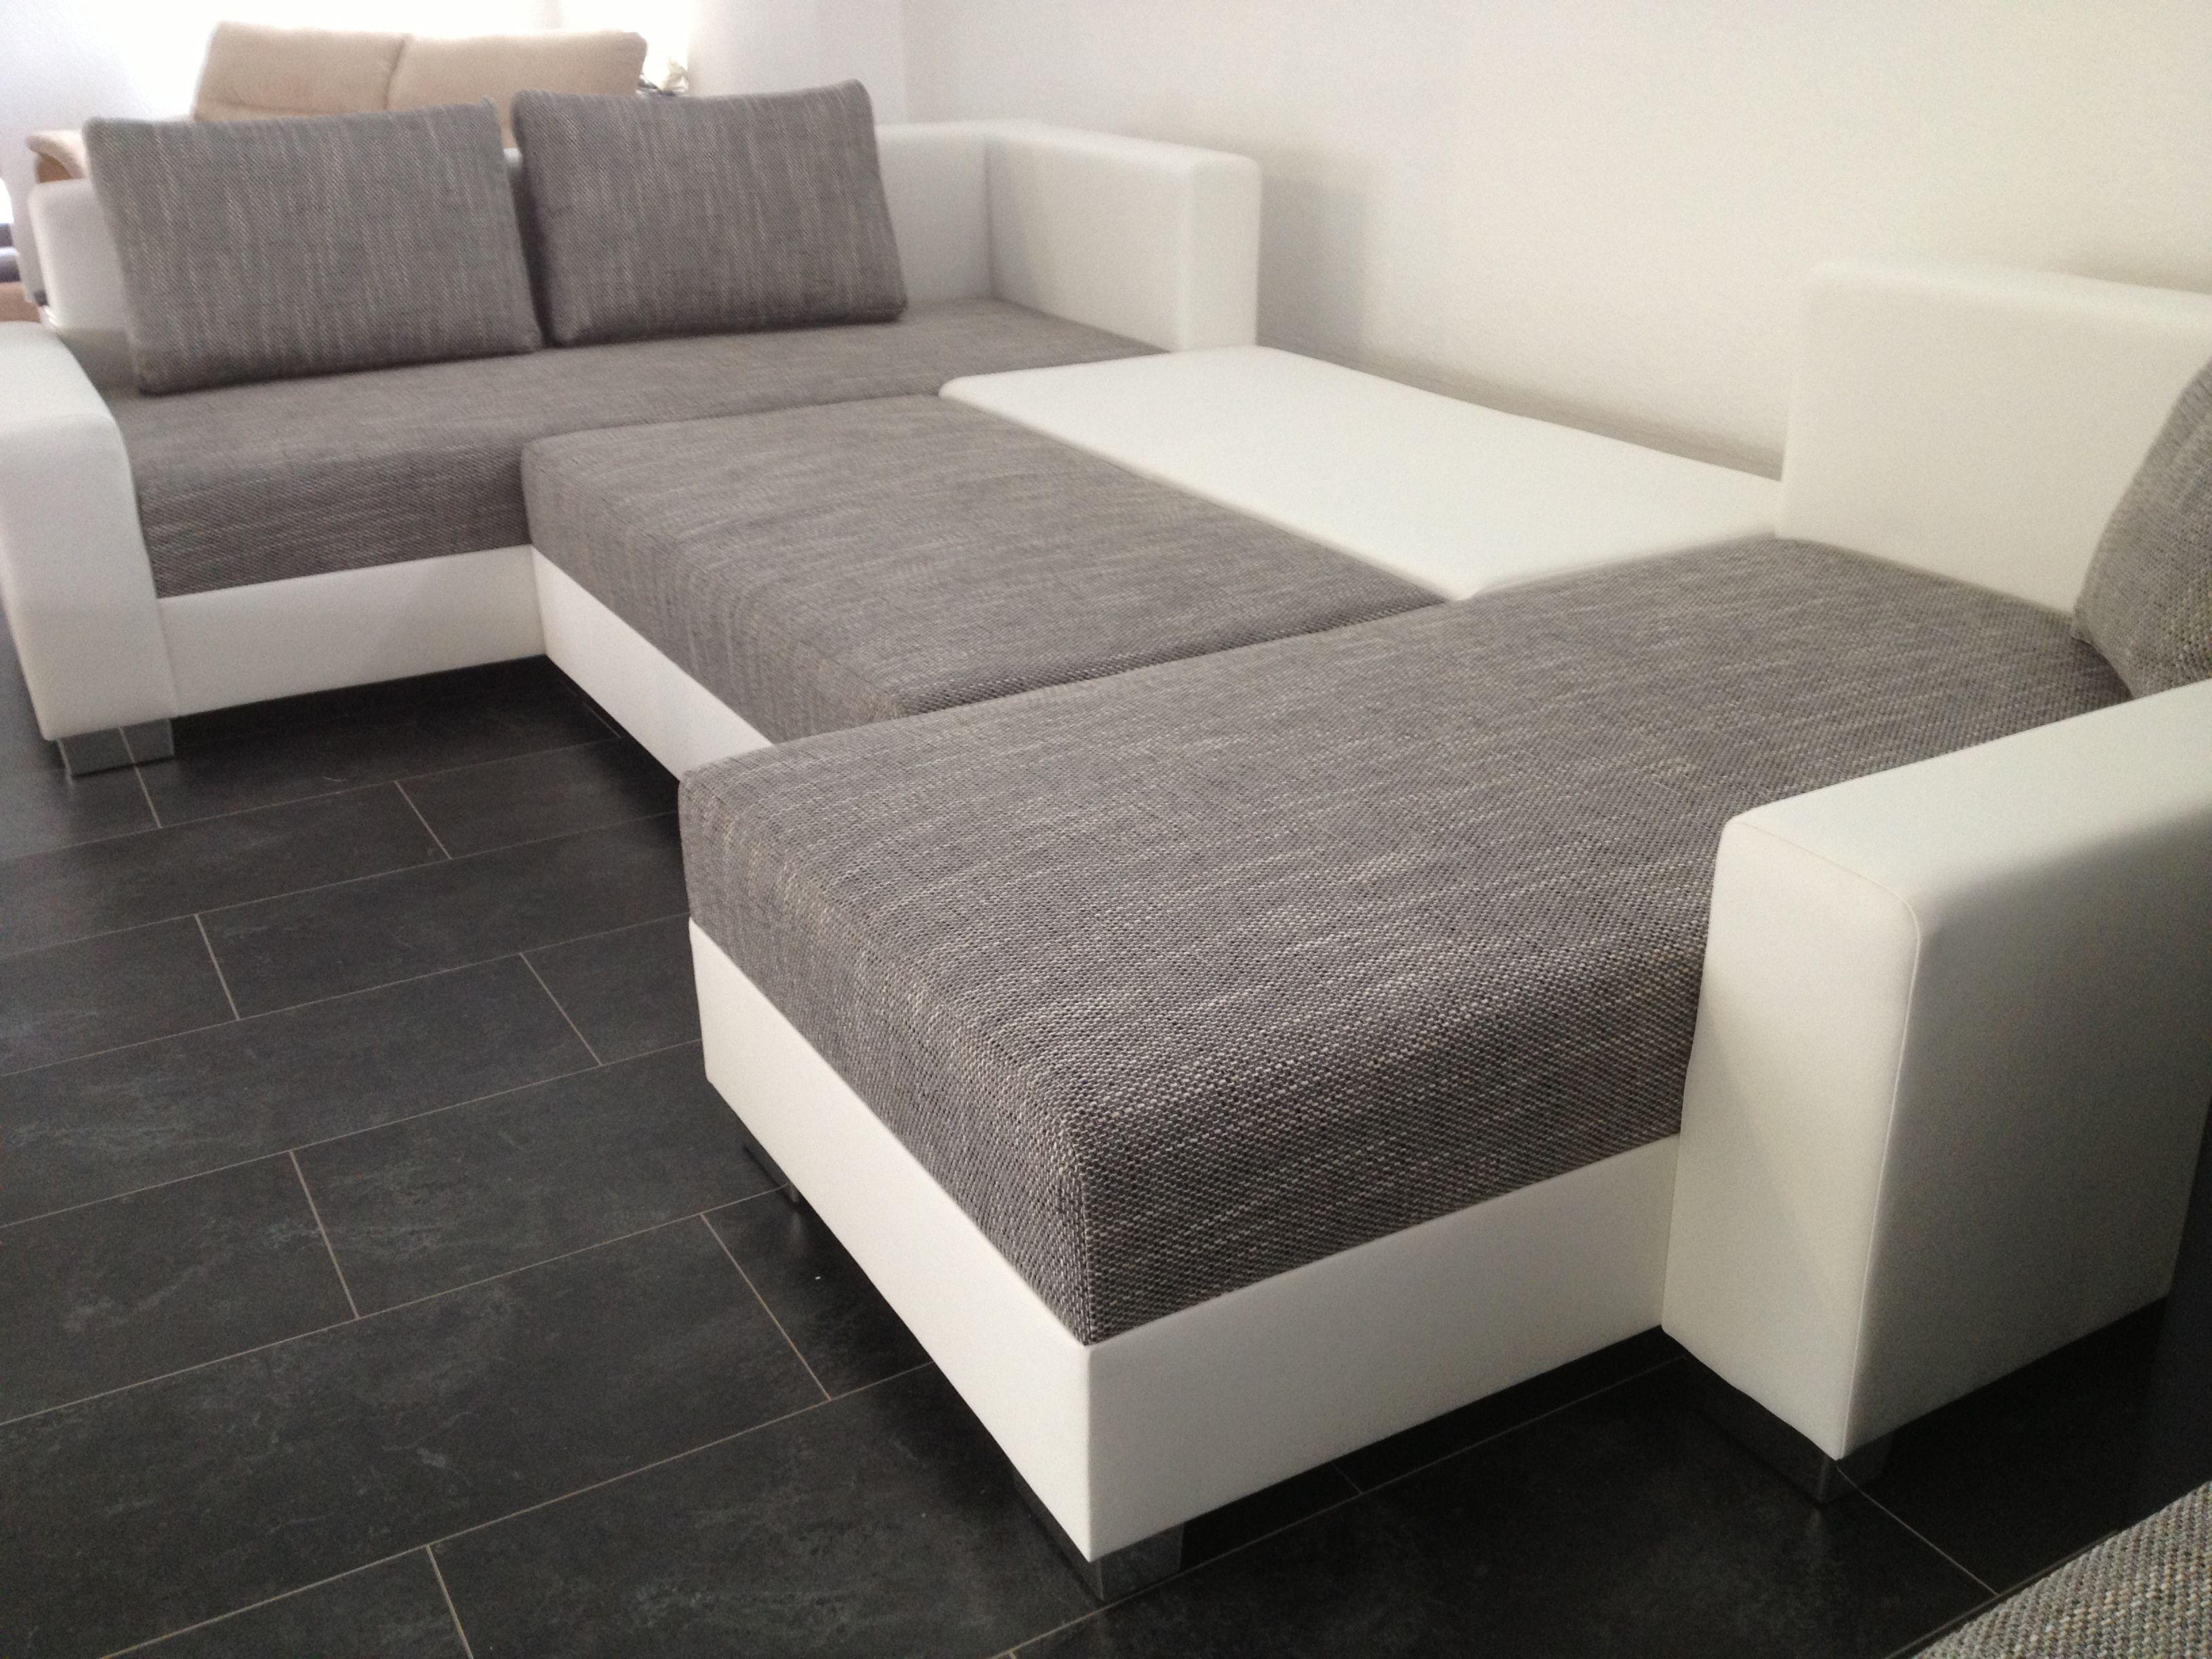 m bel sofort auf lager. Black Bedroom Furniture Sets. Home Design Ideas